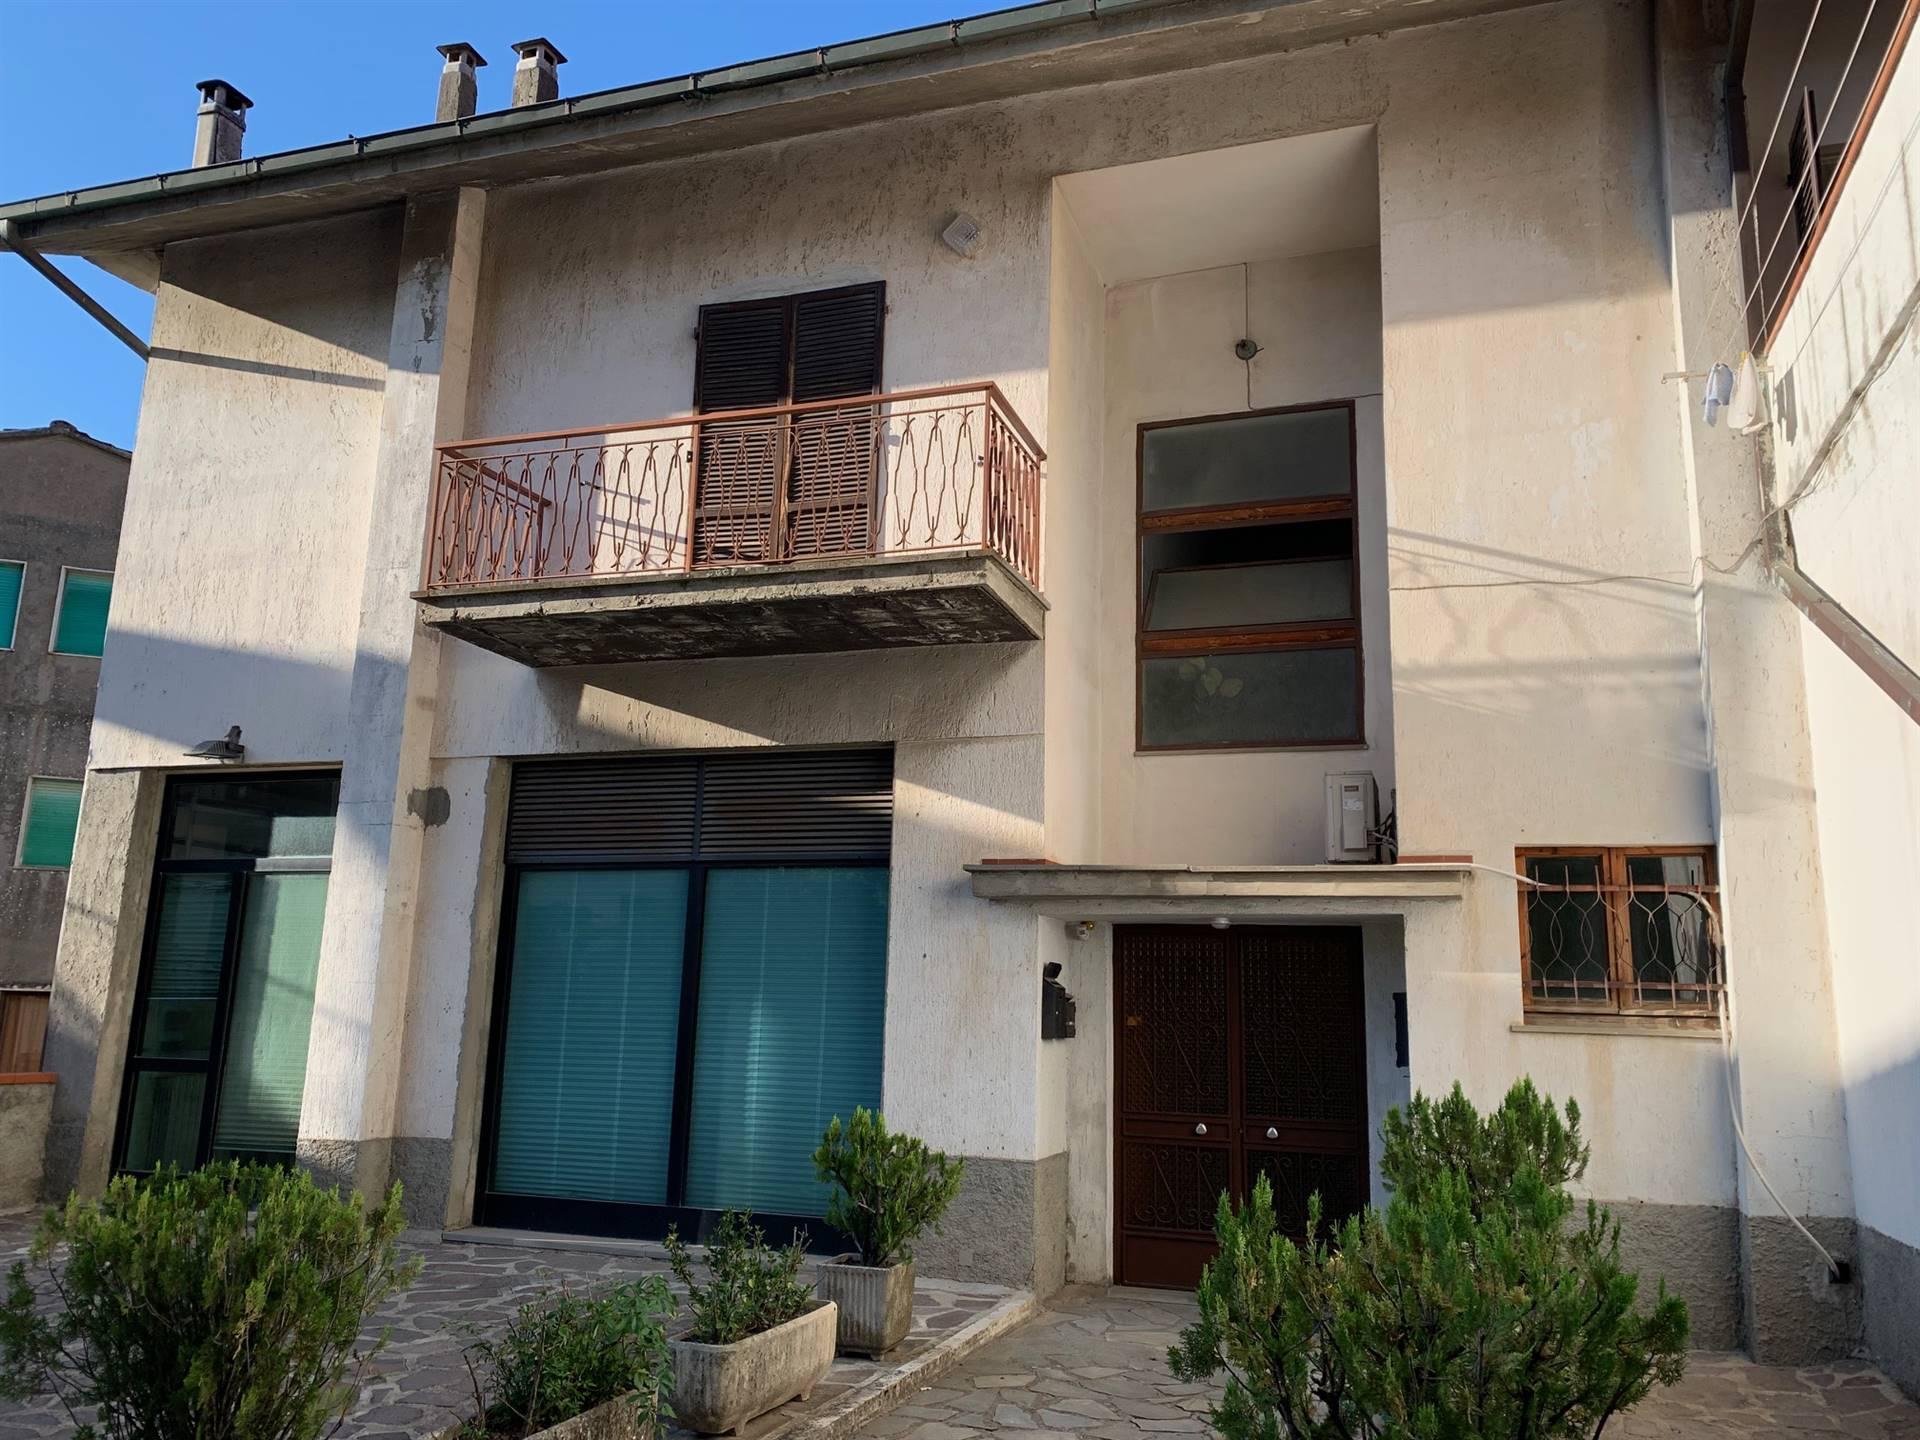 Ufficio / Studio in affitto a Castel del Piano, 3 locali, zona Zona: Monte Amiata versante grossetano, prezzo € 300 | CambioCasa.it